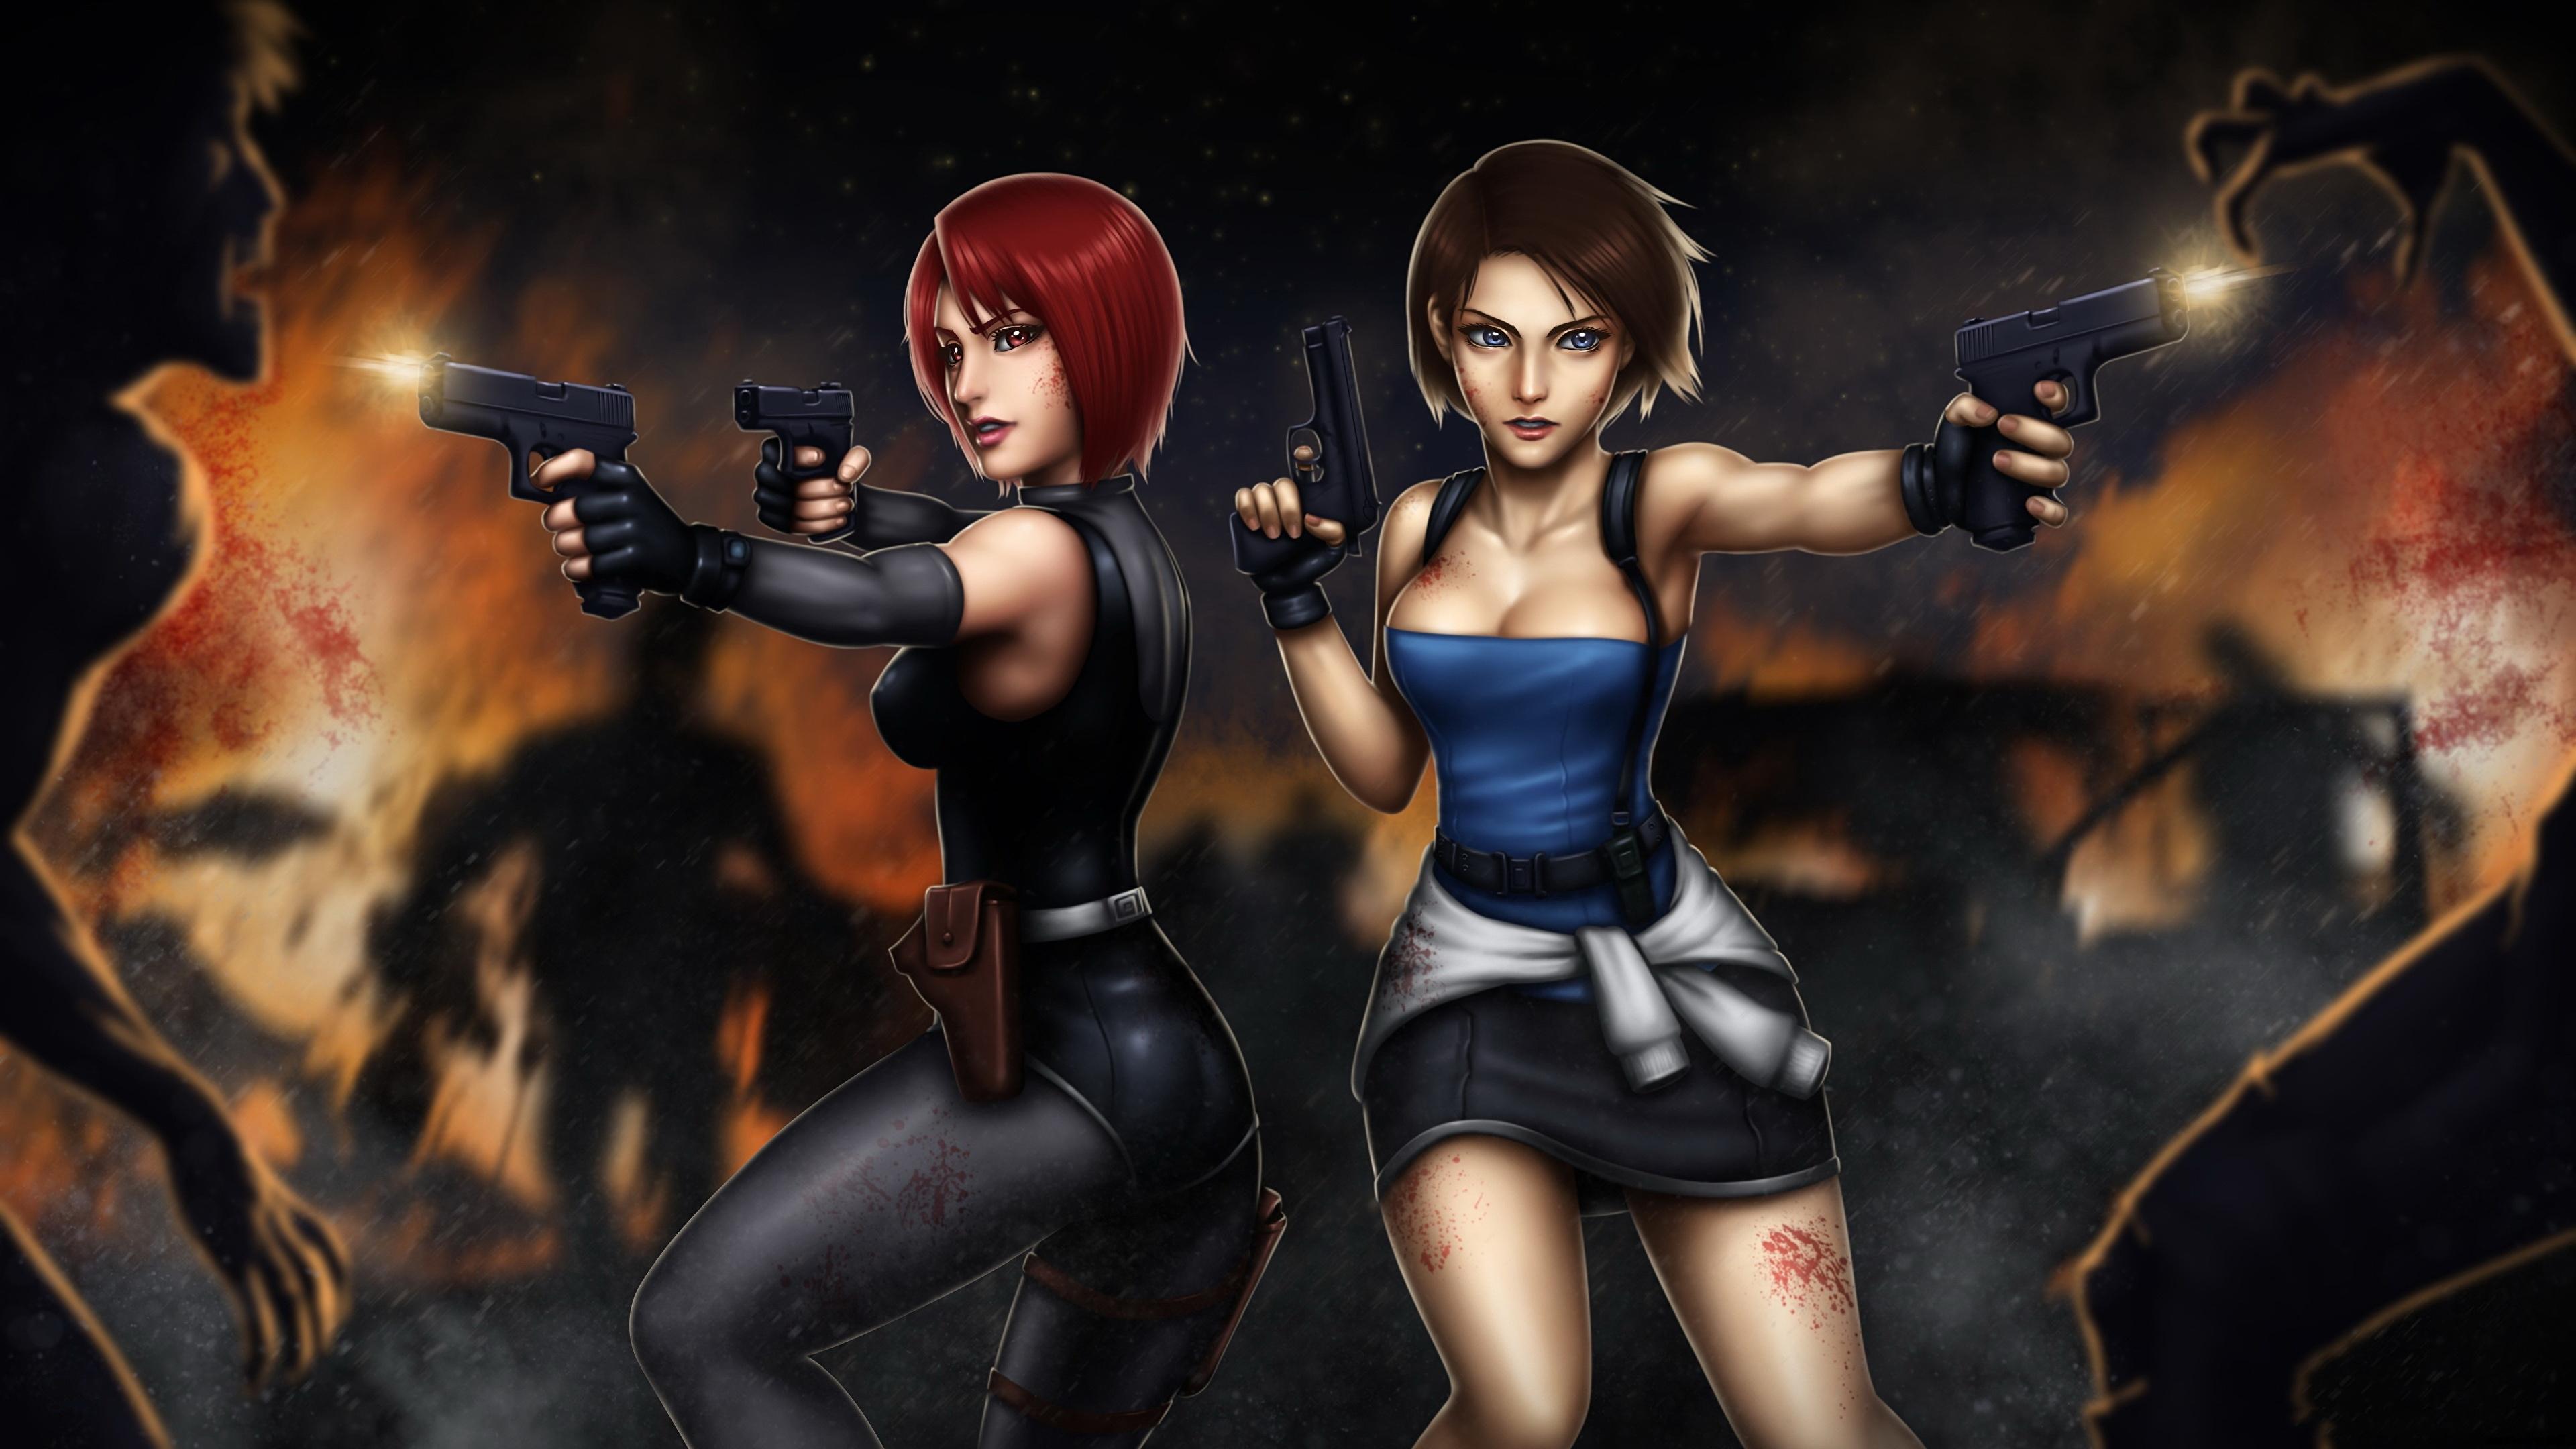 Wallpaper Resident Evil Zombie Firing Pistols Redhead Girl